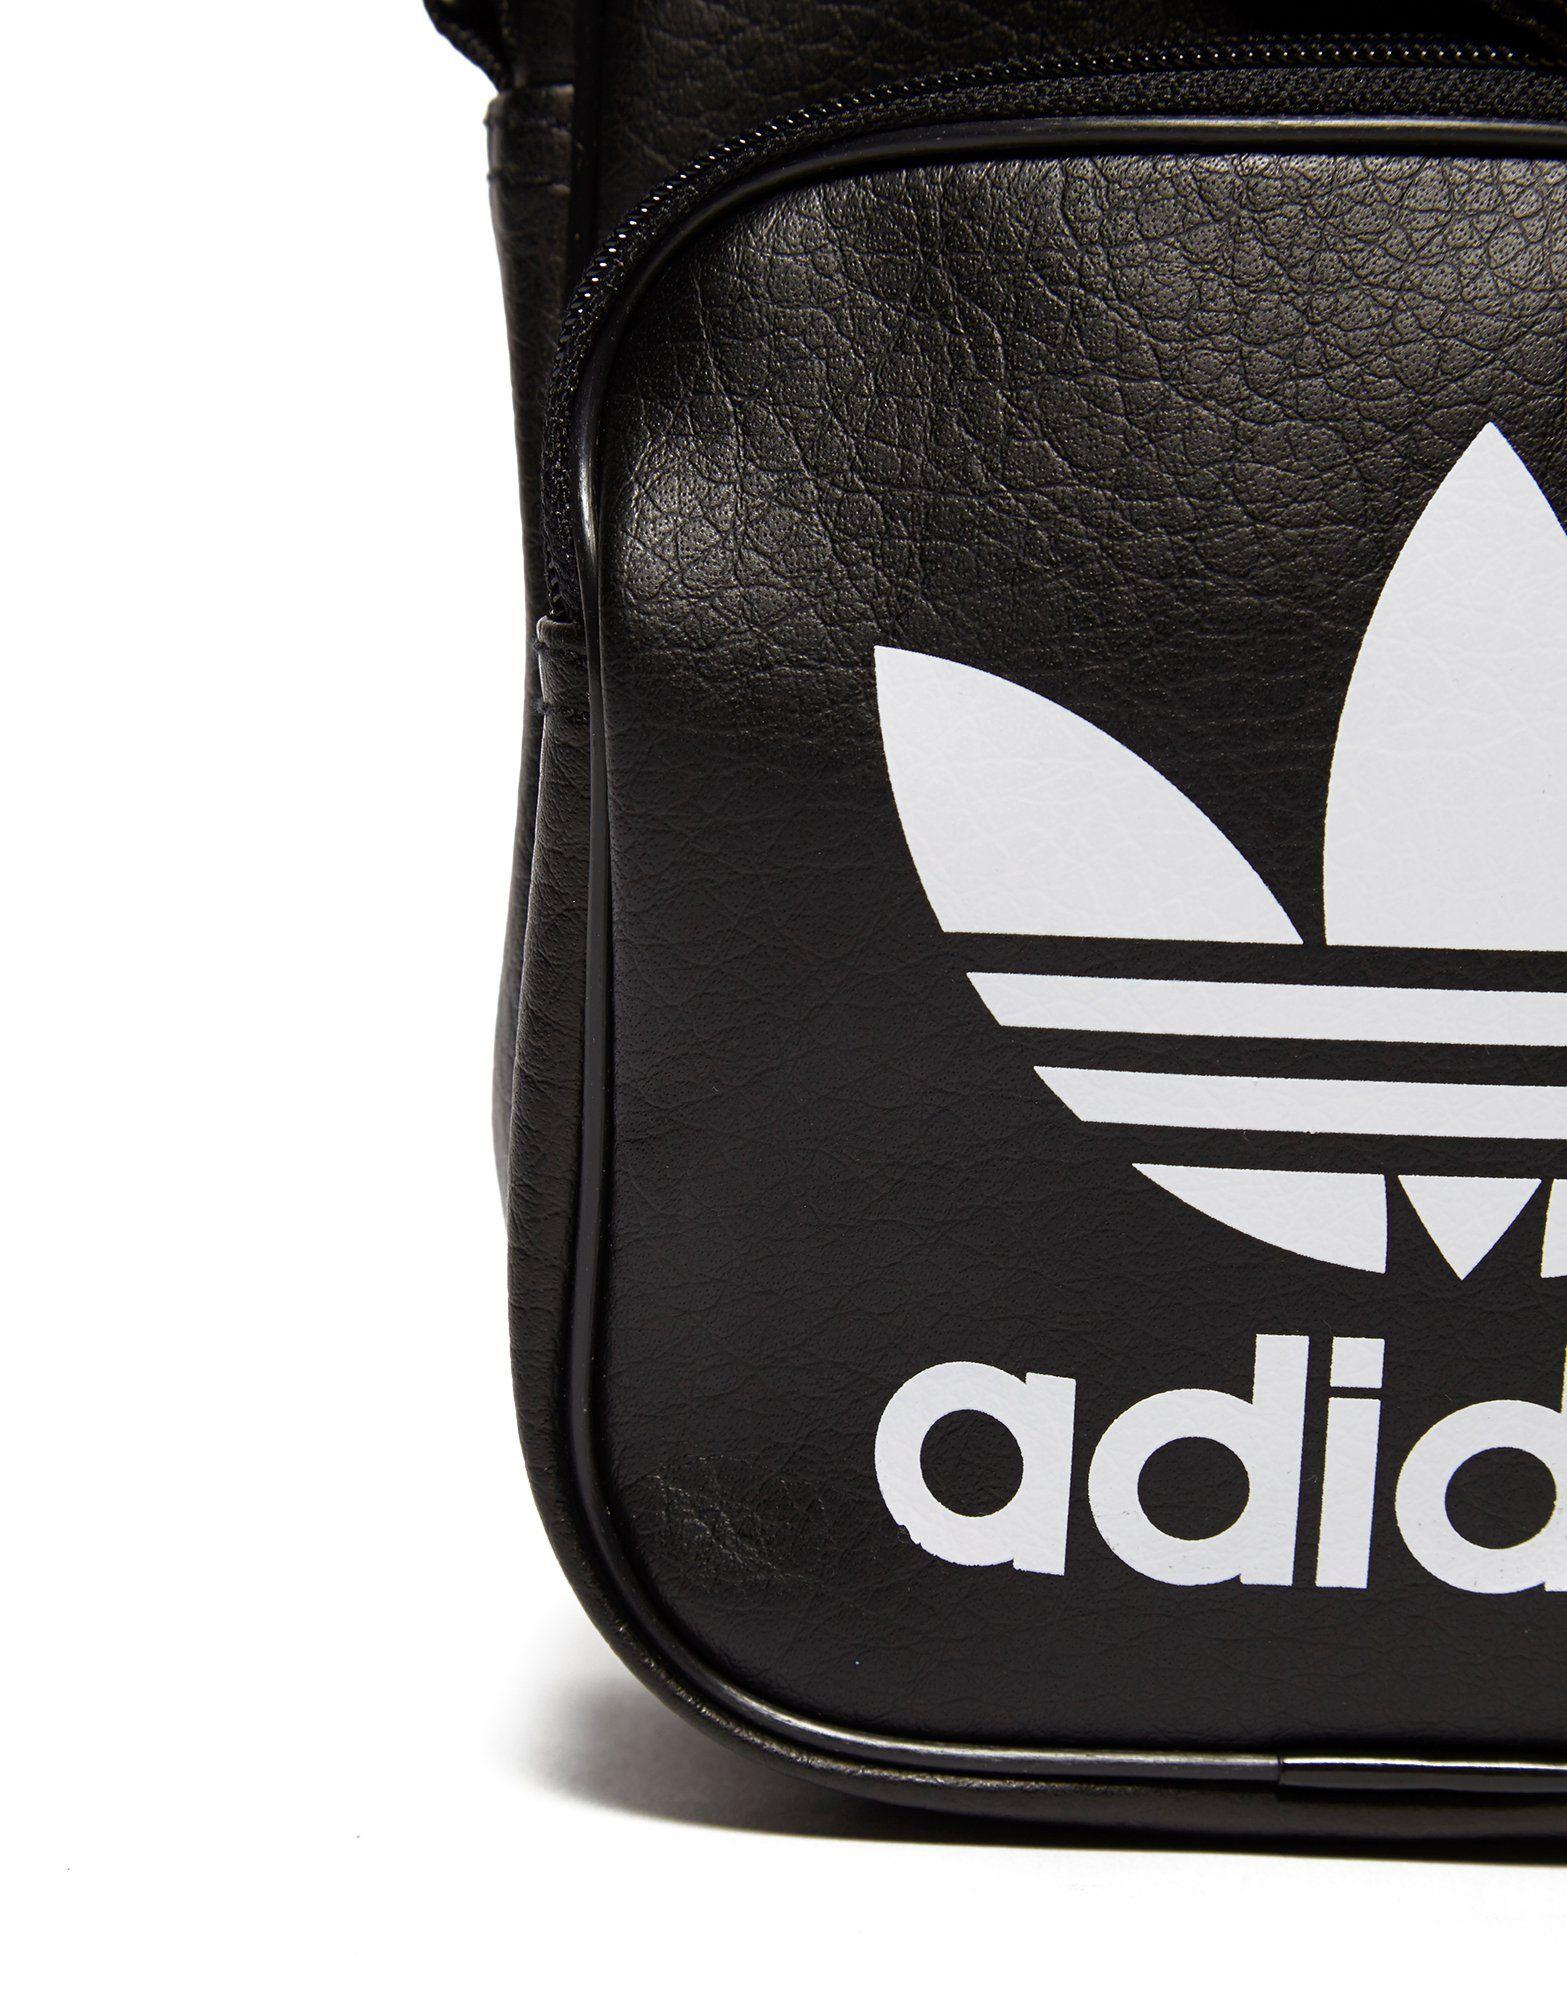 adidas Originals Mini Classic Small Items Bag